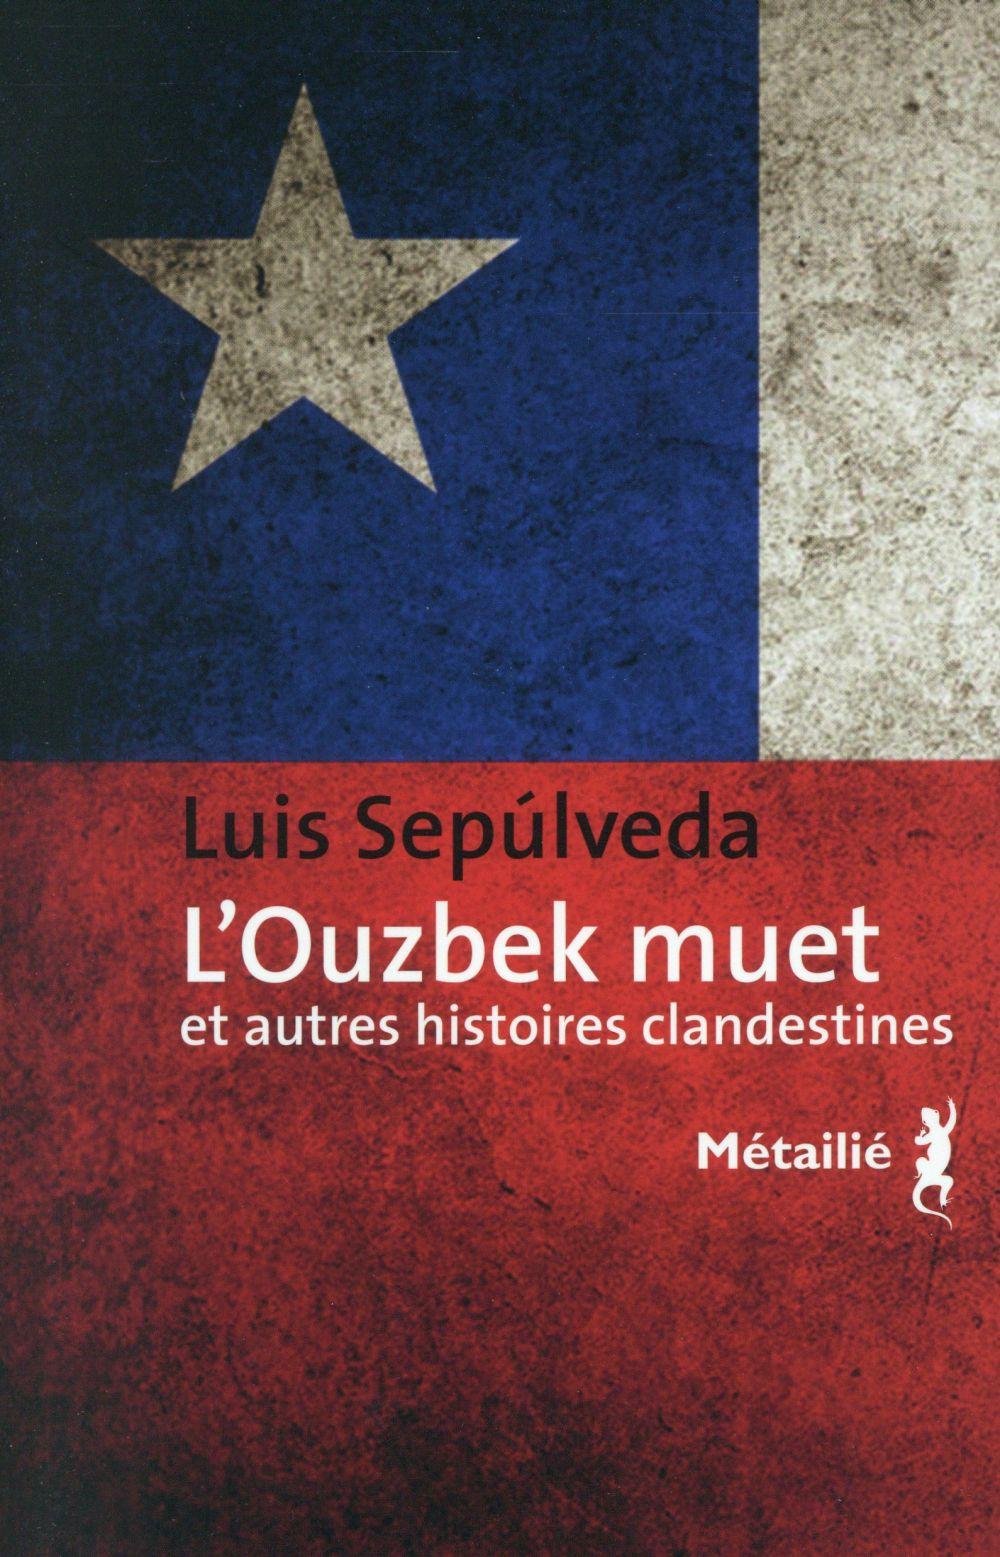 L'OUZBEK MUET ET AUTRES HISTOIRES CLANDESTINES